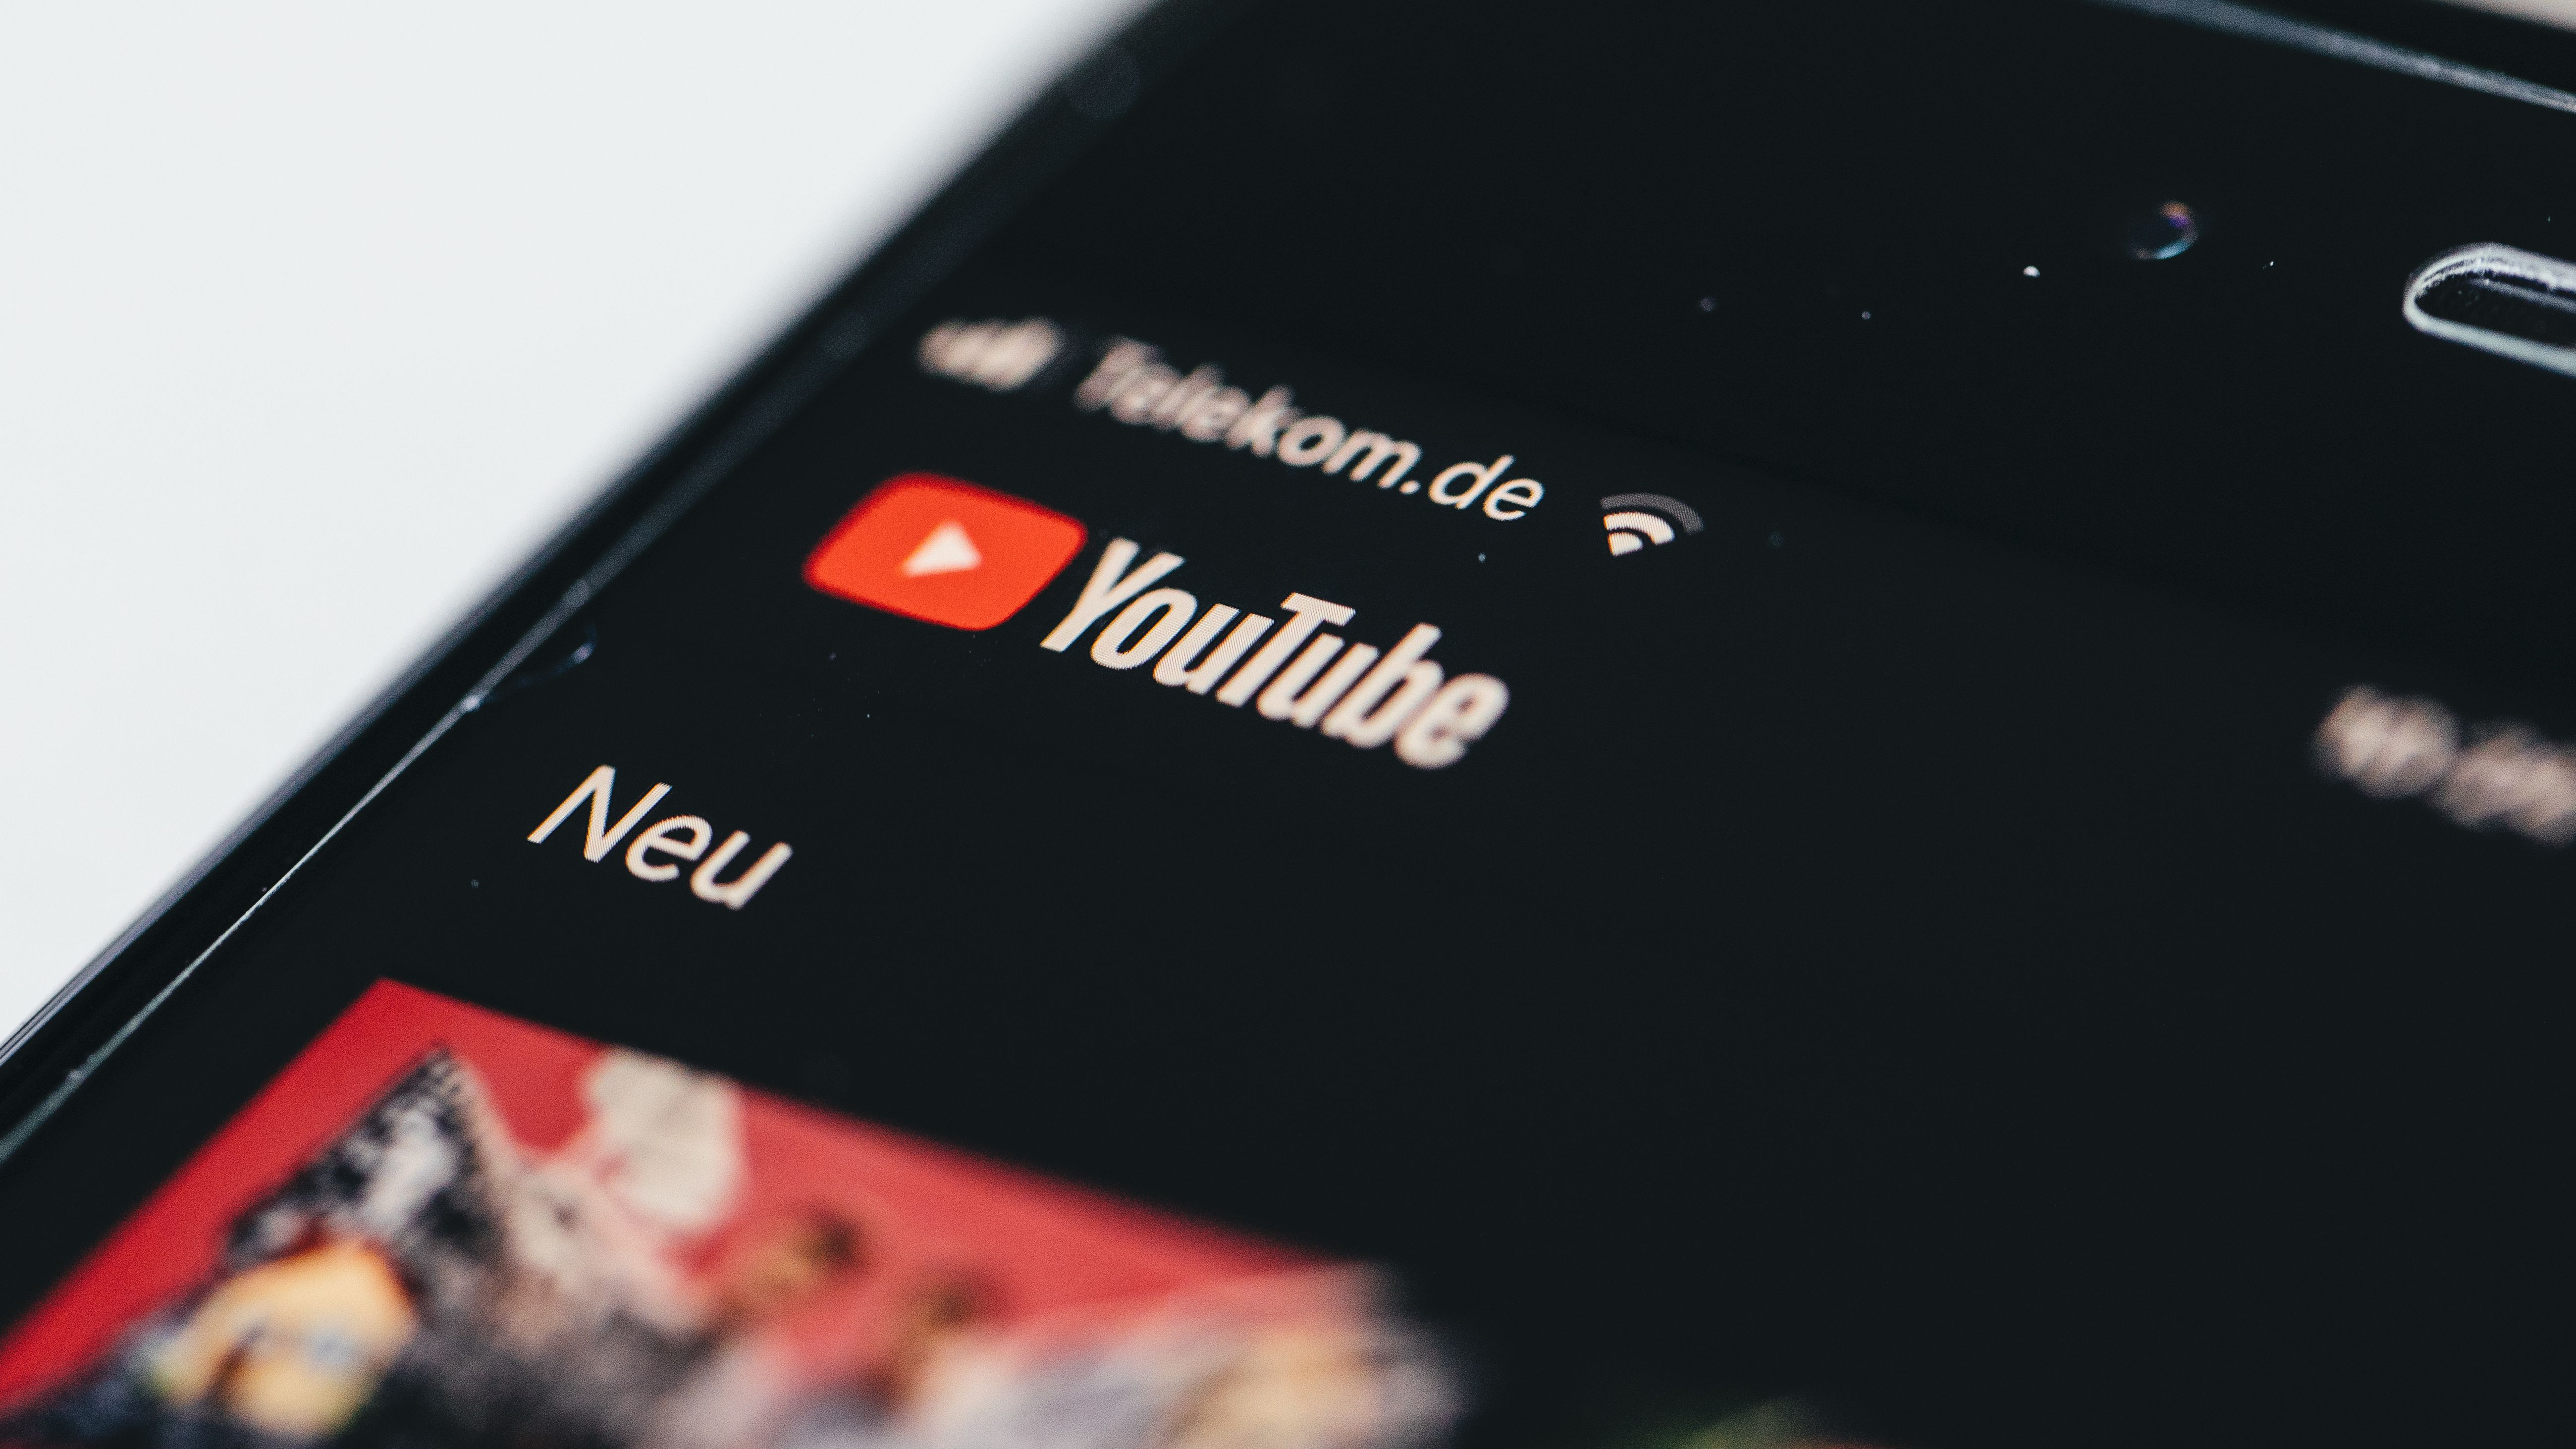 Ein Smartphone mit geöffneter Youtube-App